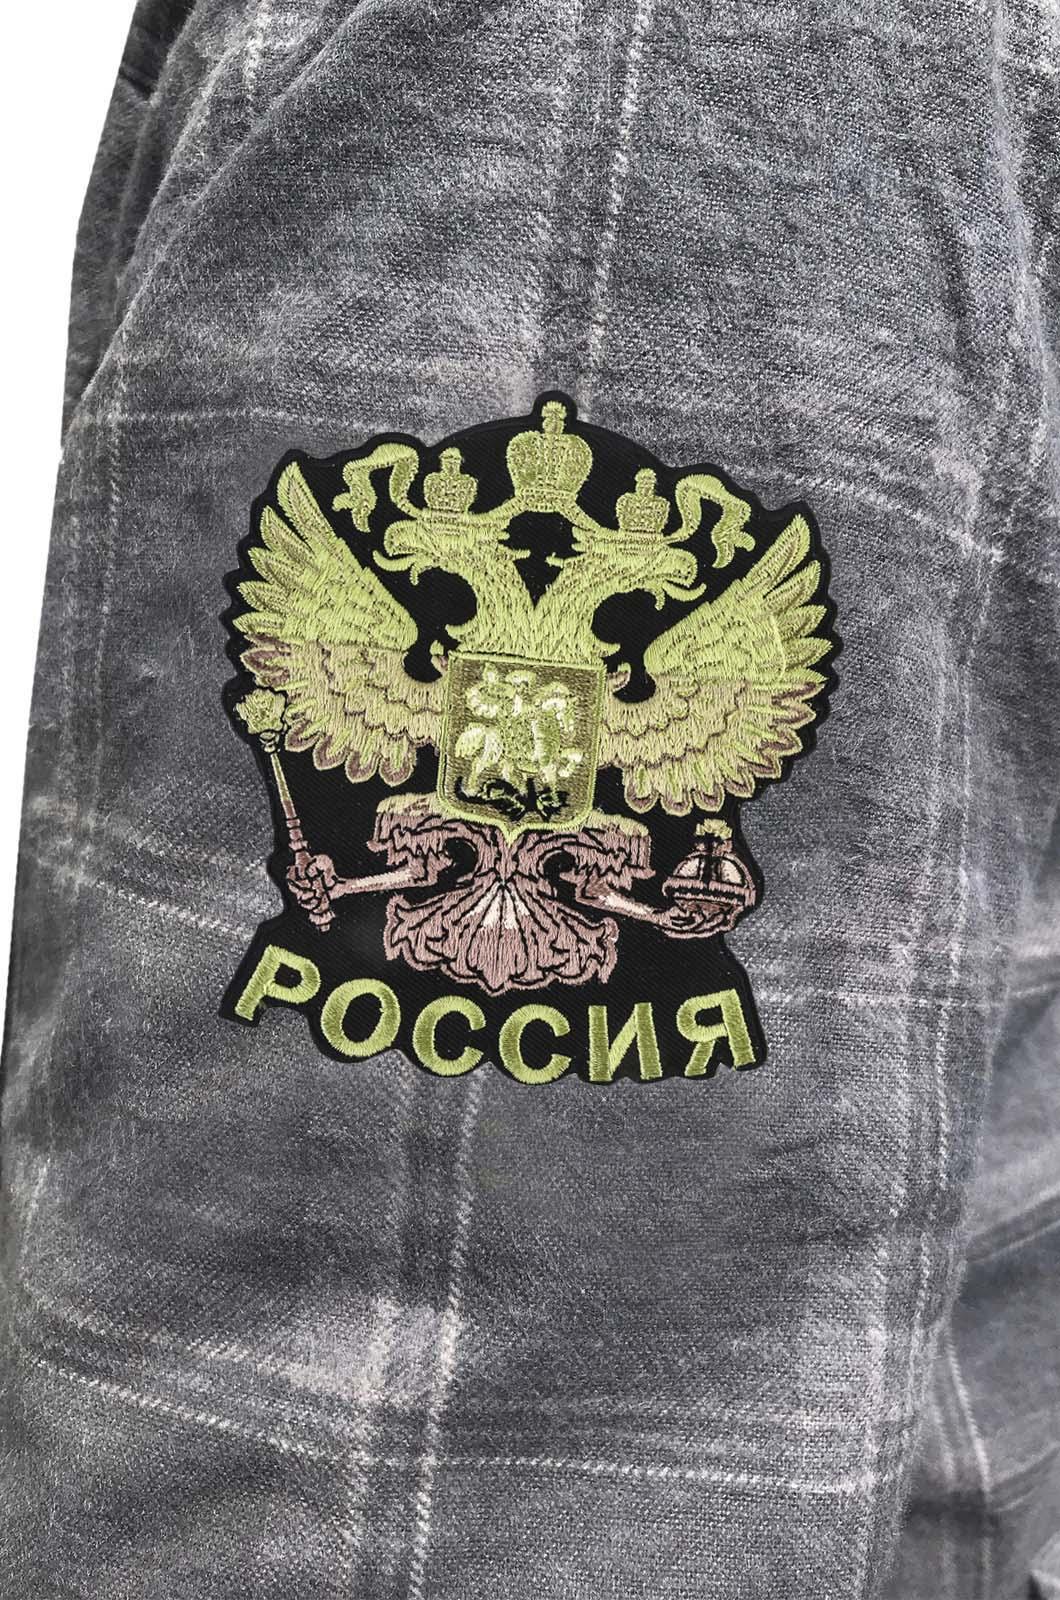 Рубашка Российская Федерация